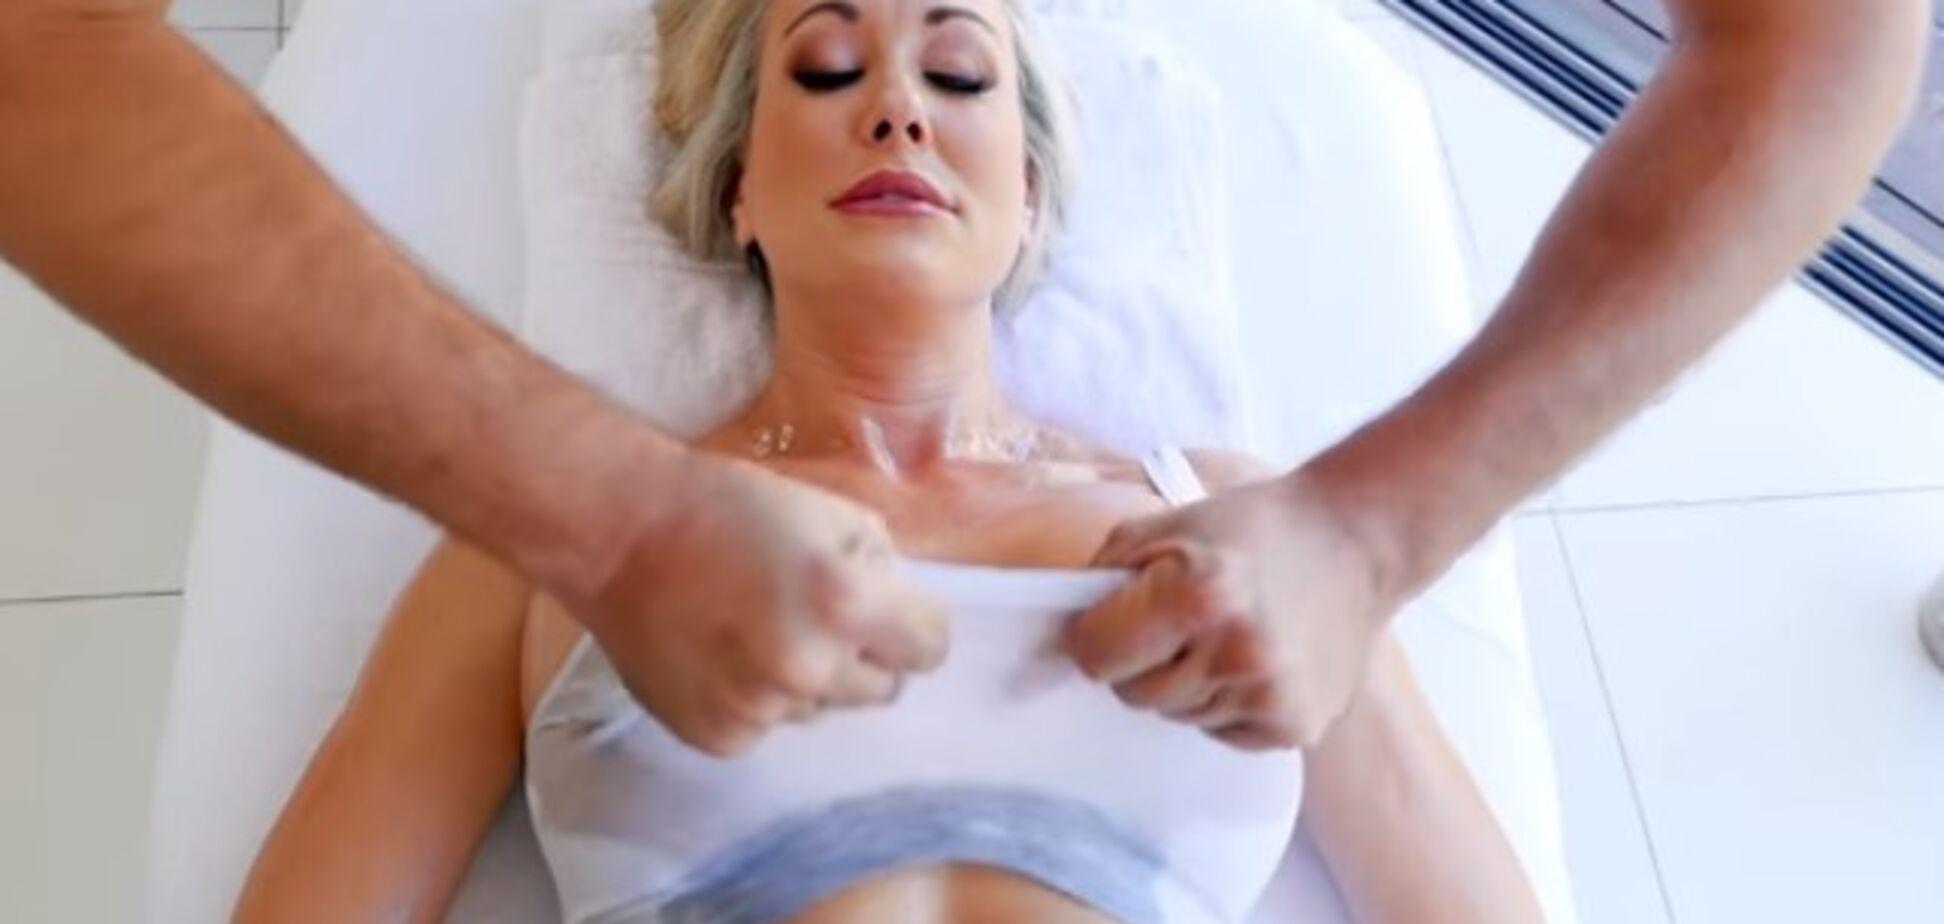 Brazzers показал самые провальные сцены в порно за 2017 год: забавное видео